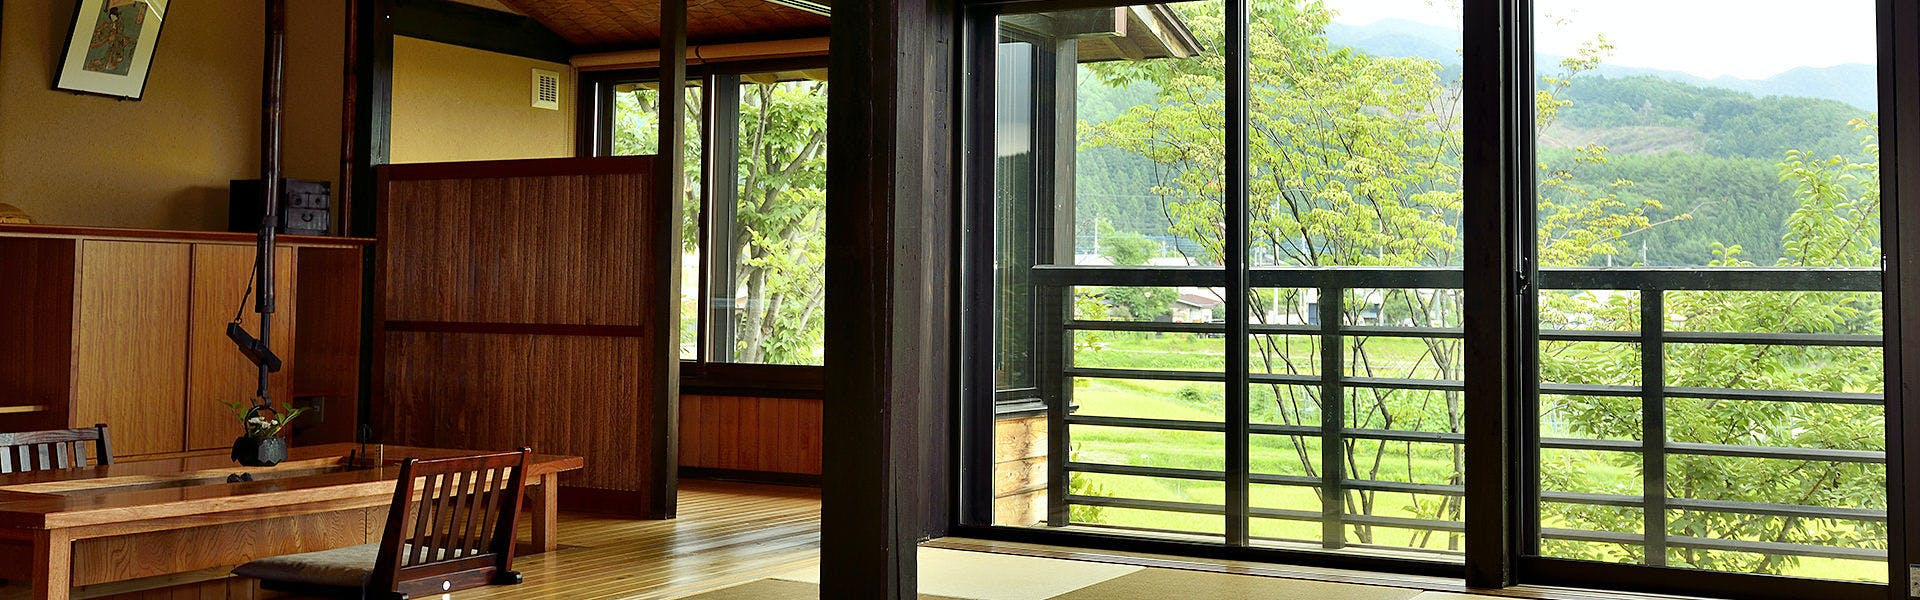 記念日におすすめのホテル・川場温泉 かやぶきの源泉湯宿 悠湯里庵の写真2